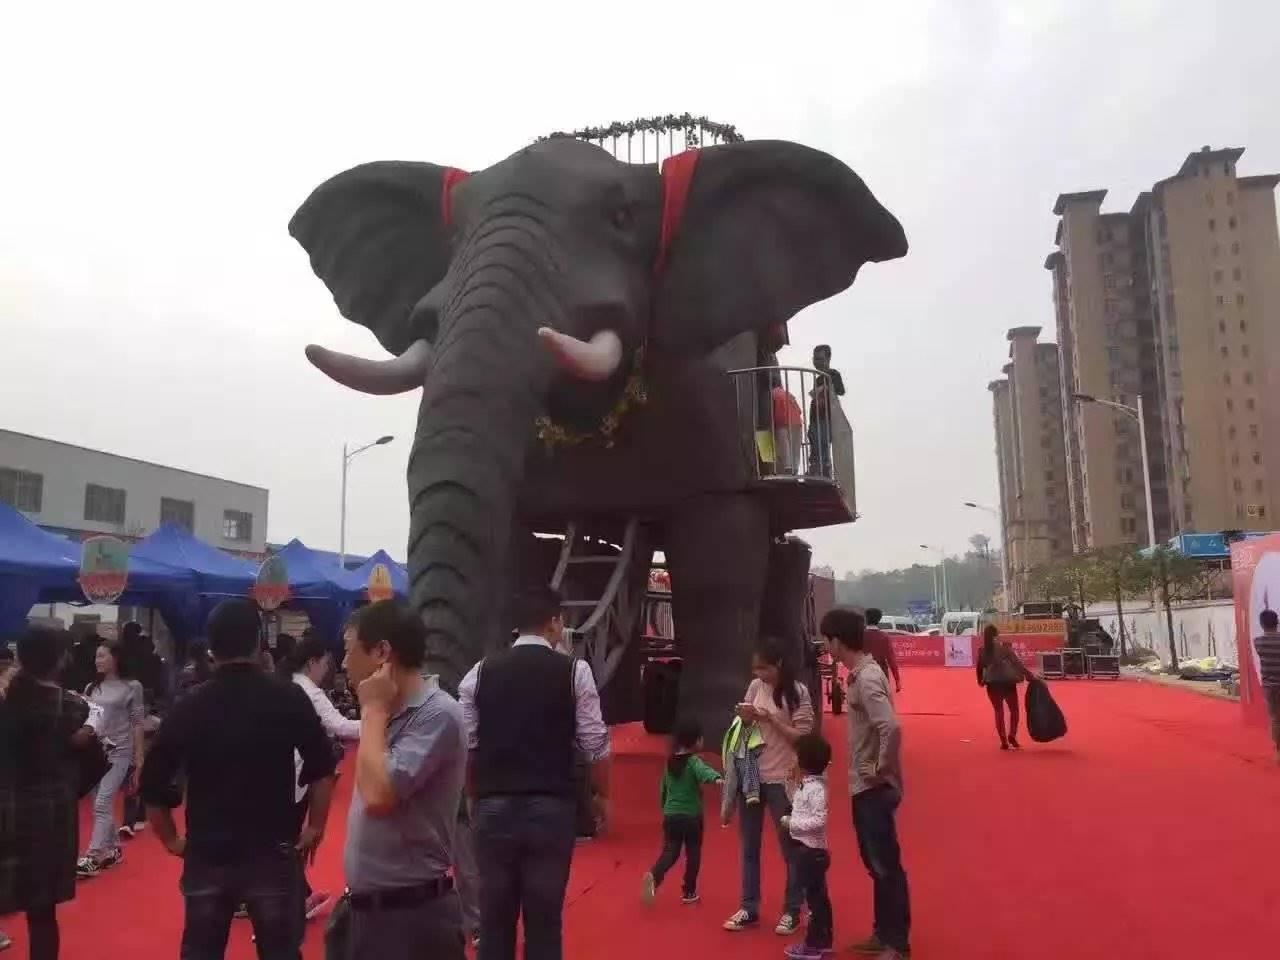 高大上机械大象出租